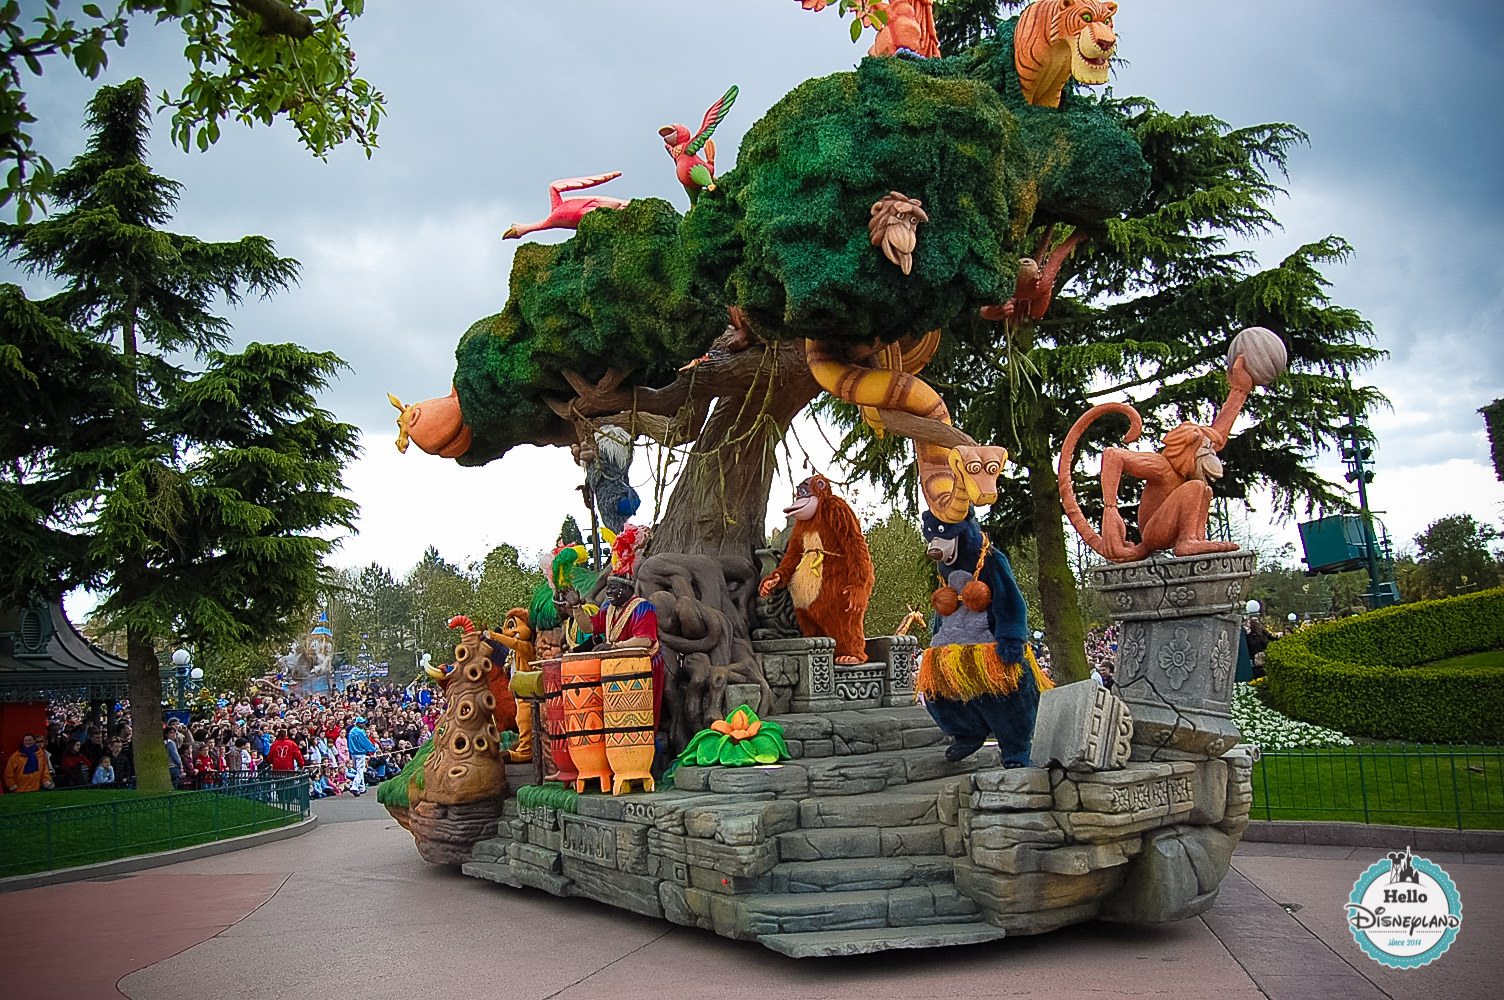 Disney Once Upon a Dream Parade - Disneyland Paris -24